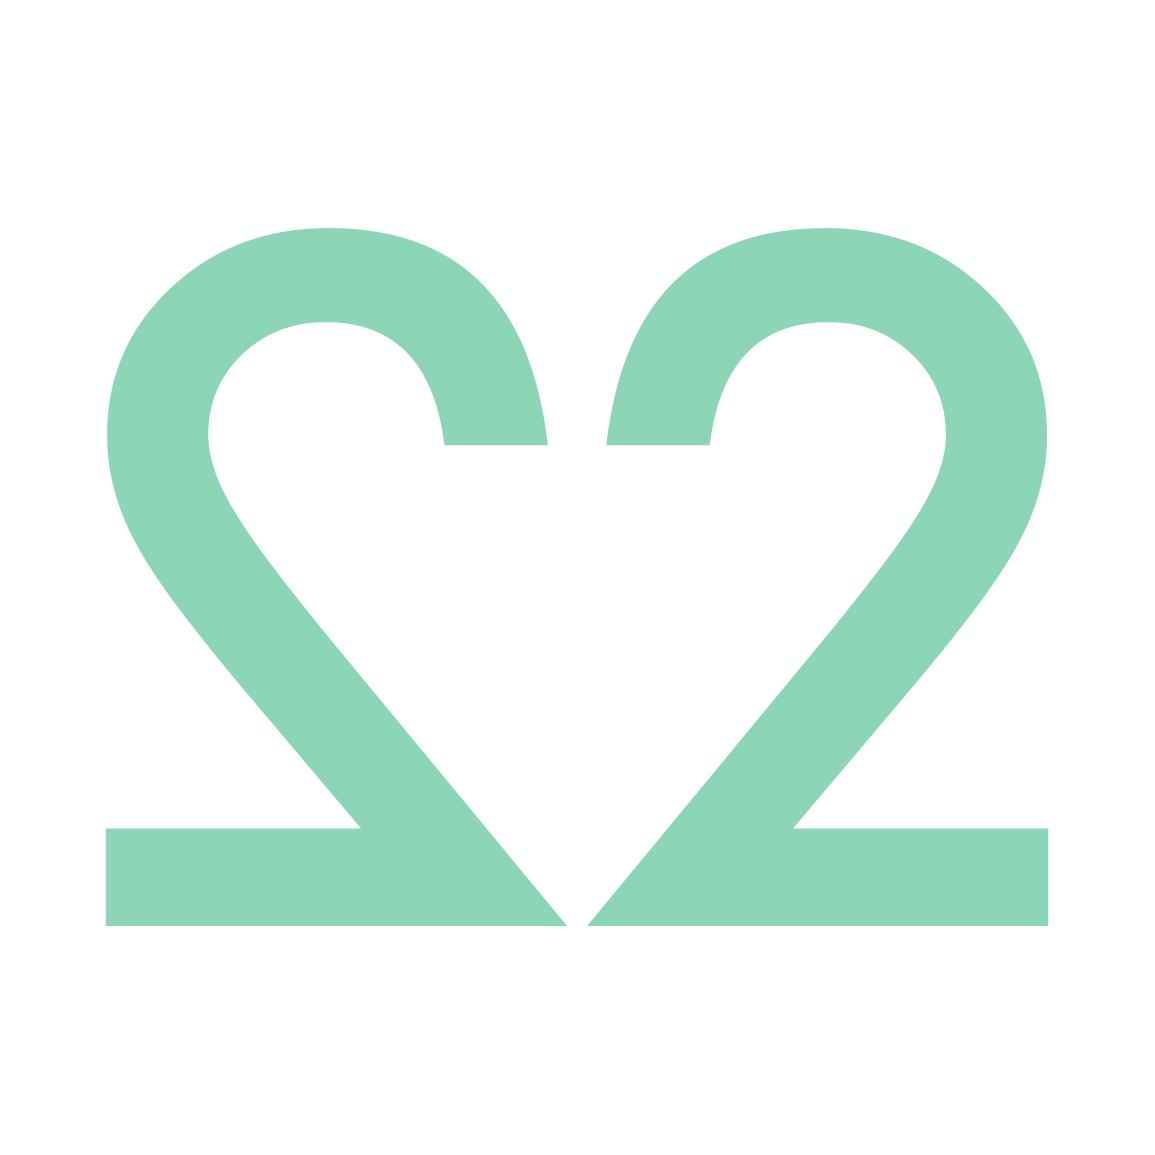 Propose_Too_Logo_Green-03.jpg